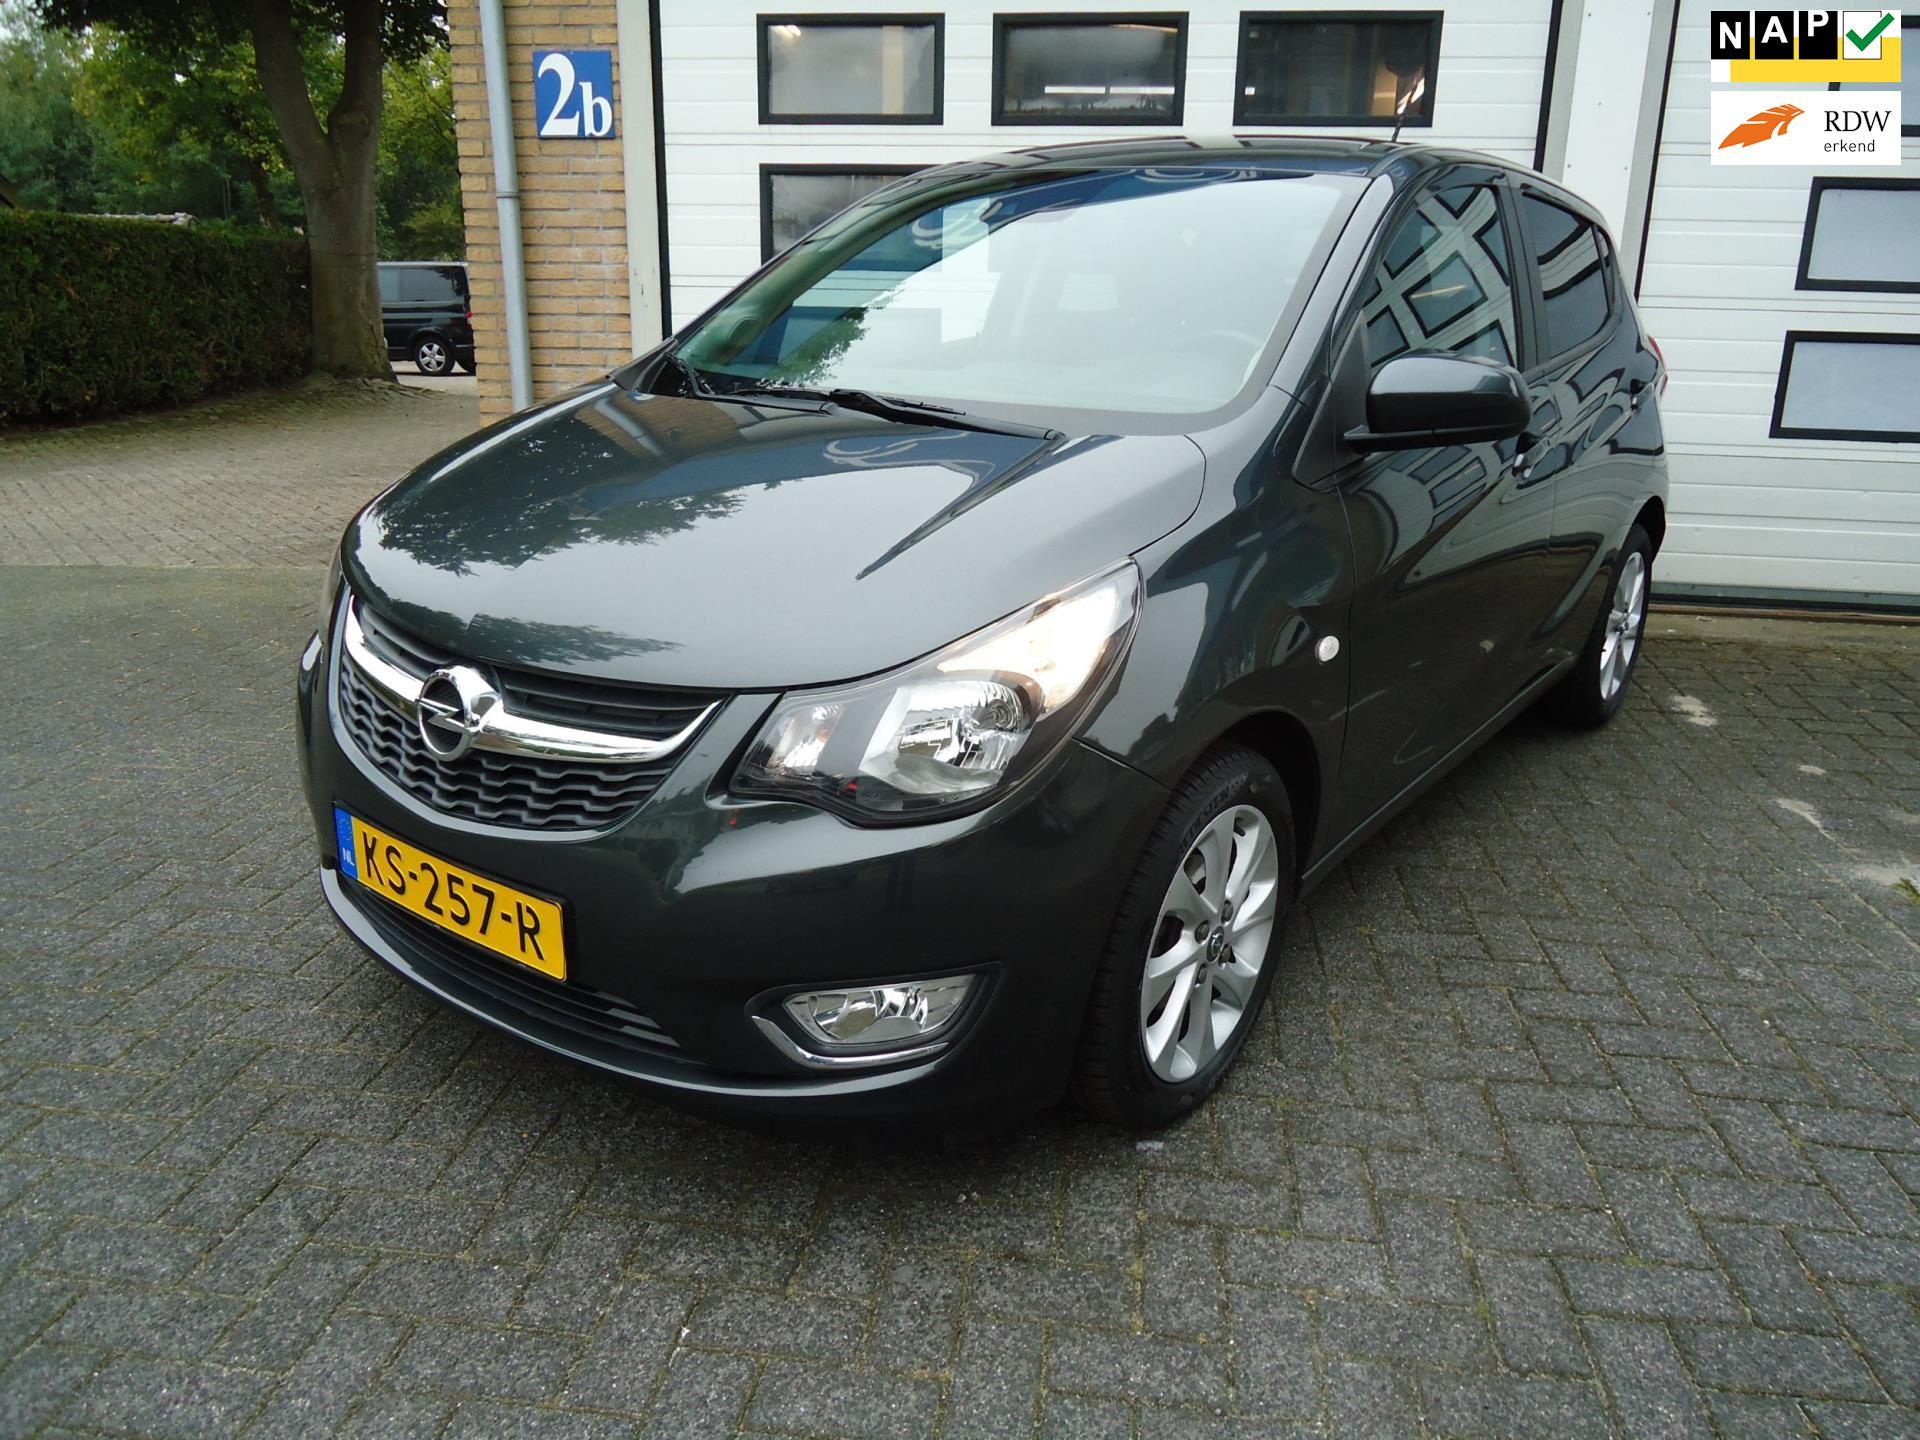 Opel KARL occasion - Van Dijk Autoservice